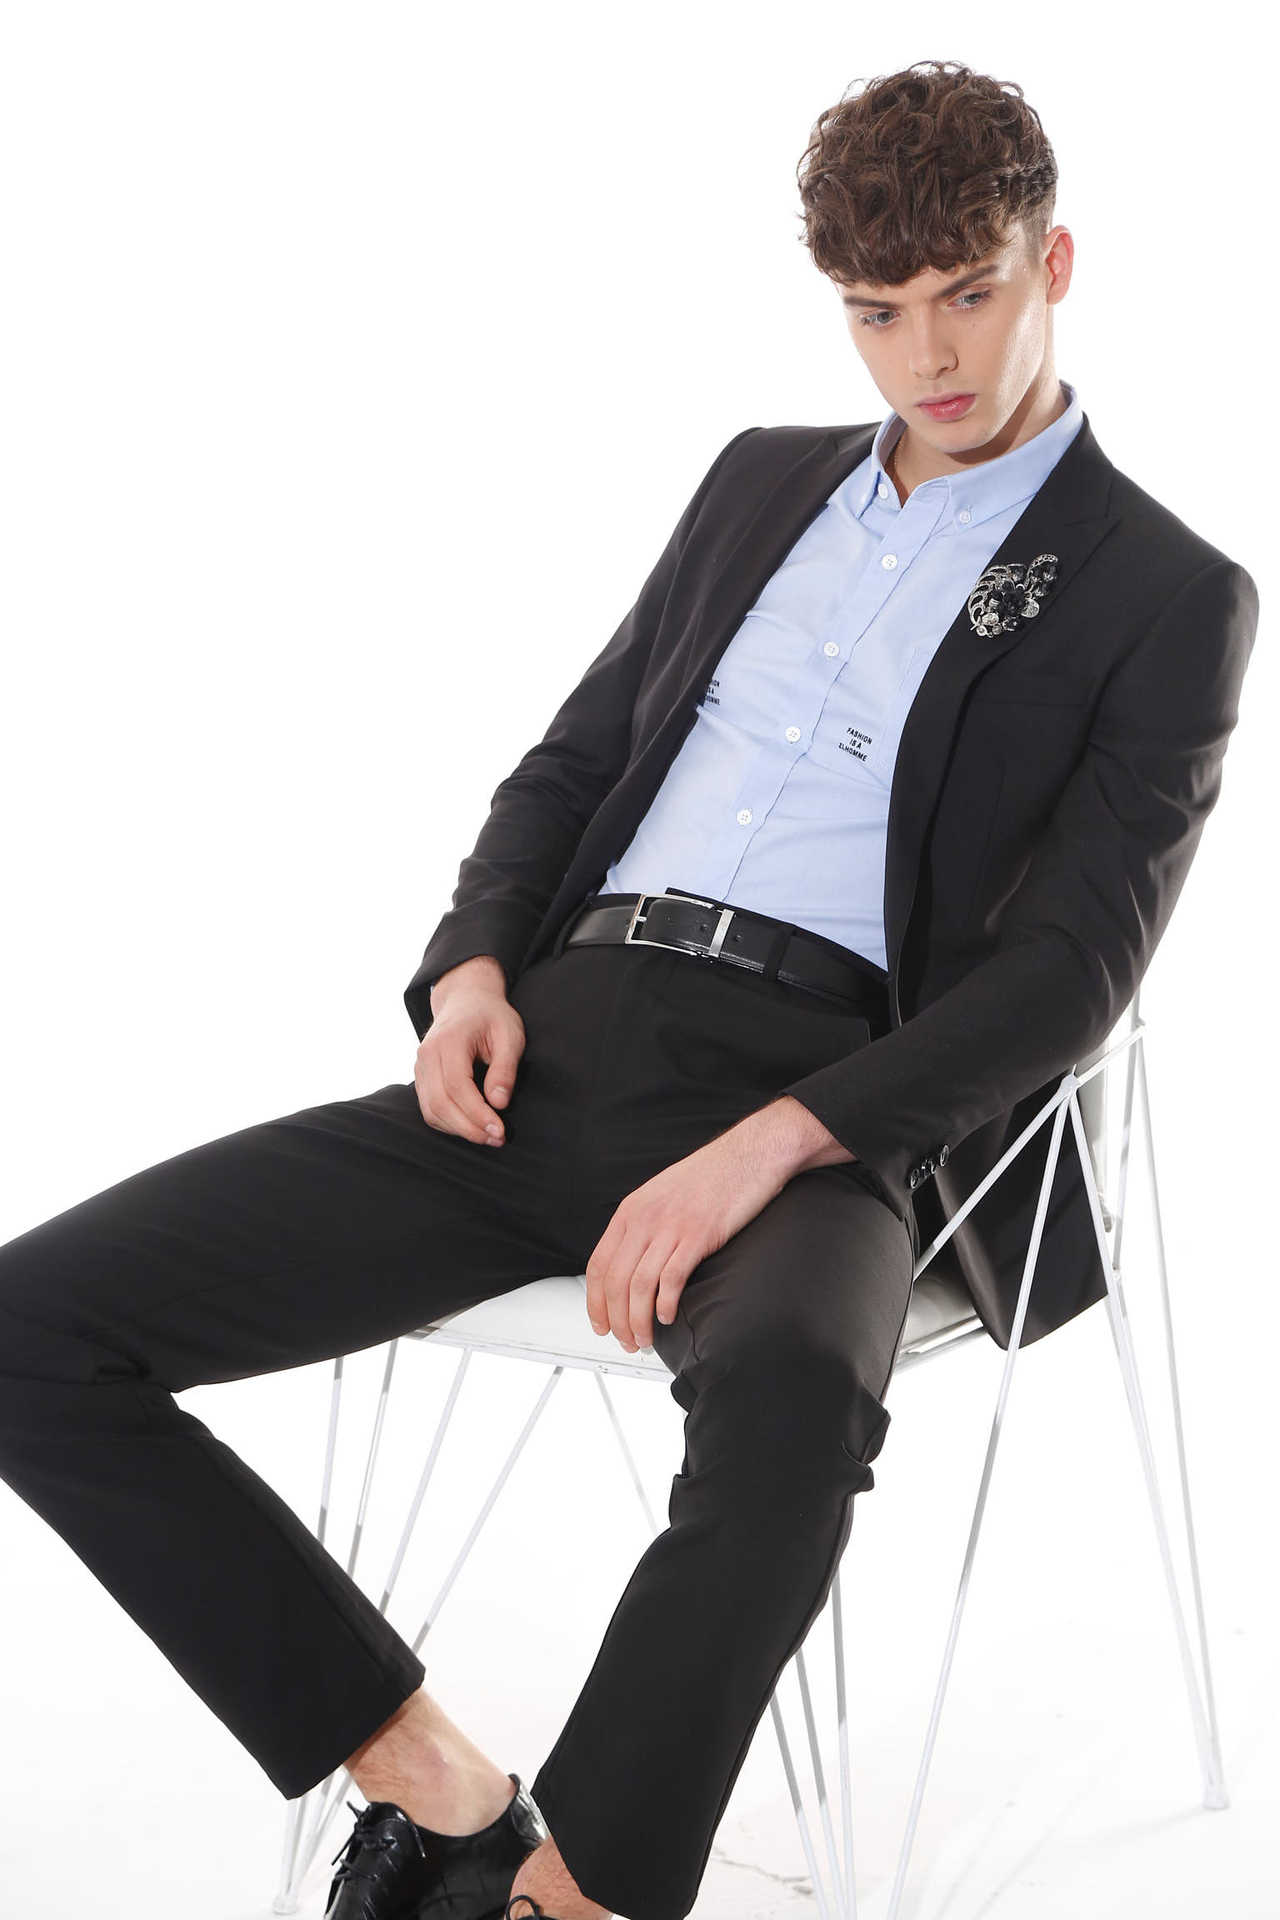 佐纳利风尚男装品牌代理资金多少 ZENL男装品牌带你感受温暖的优雅